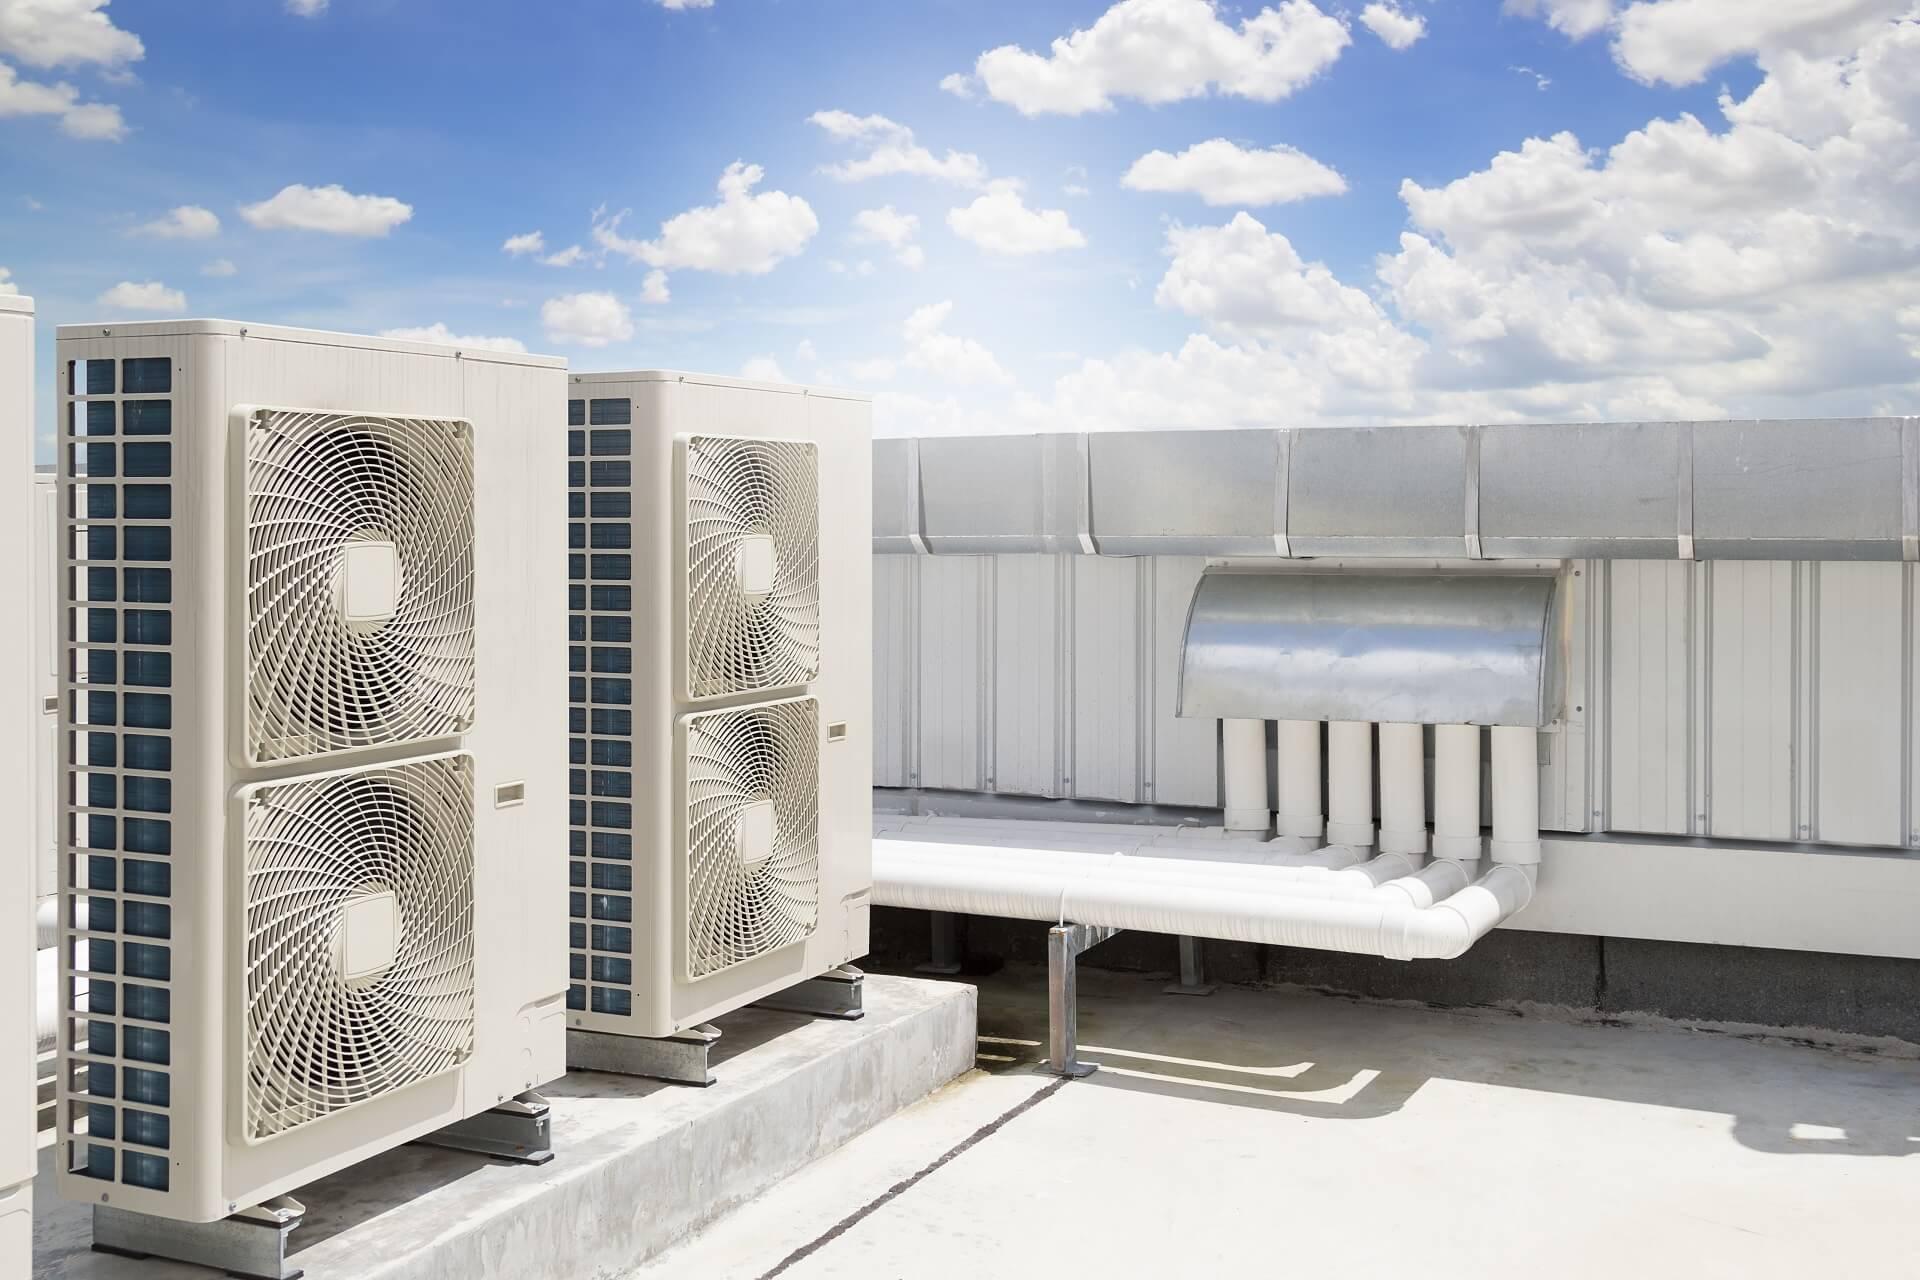 climatisation-depannage-savoie (1)